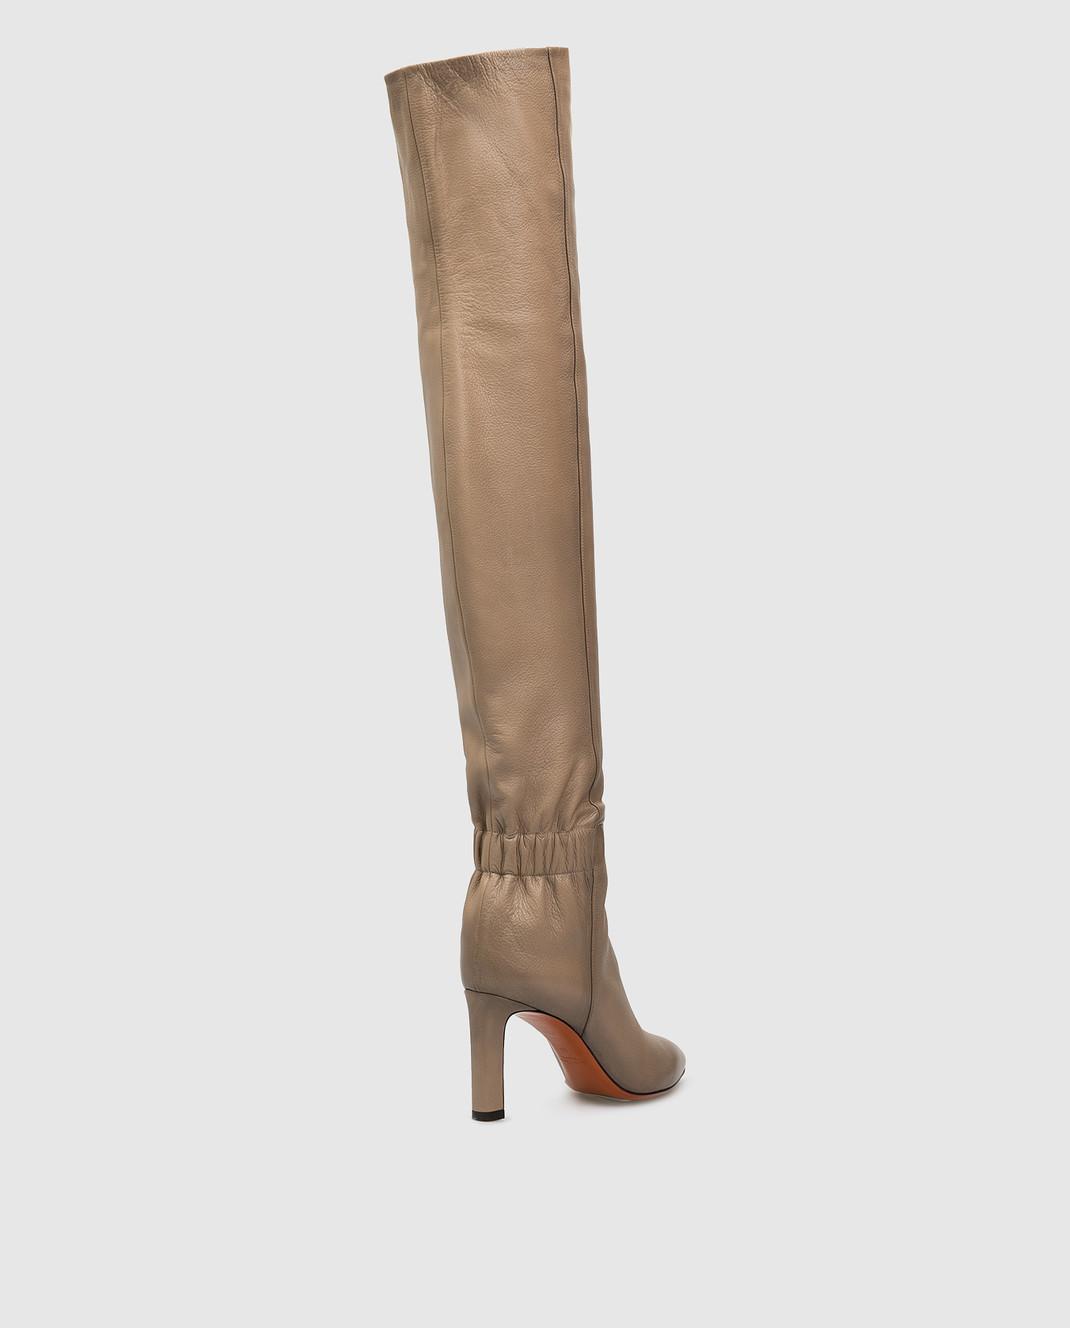 Santoni Бежевые кожаные ботфорты WSKK57445HI2CGHY изображение 4